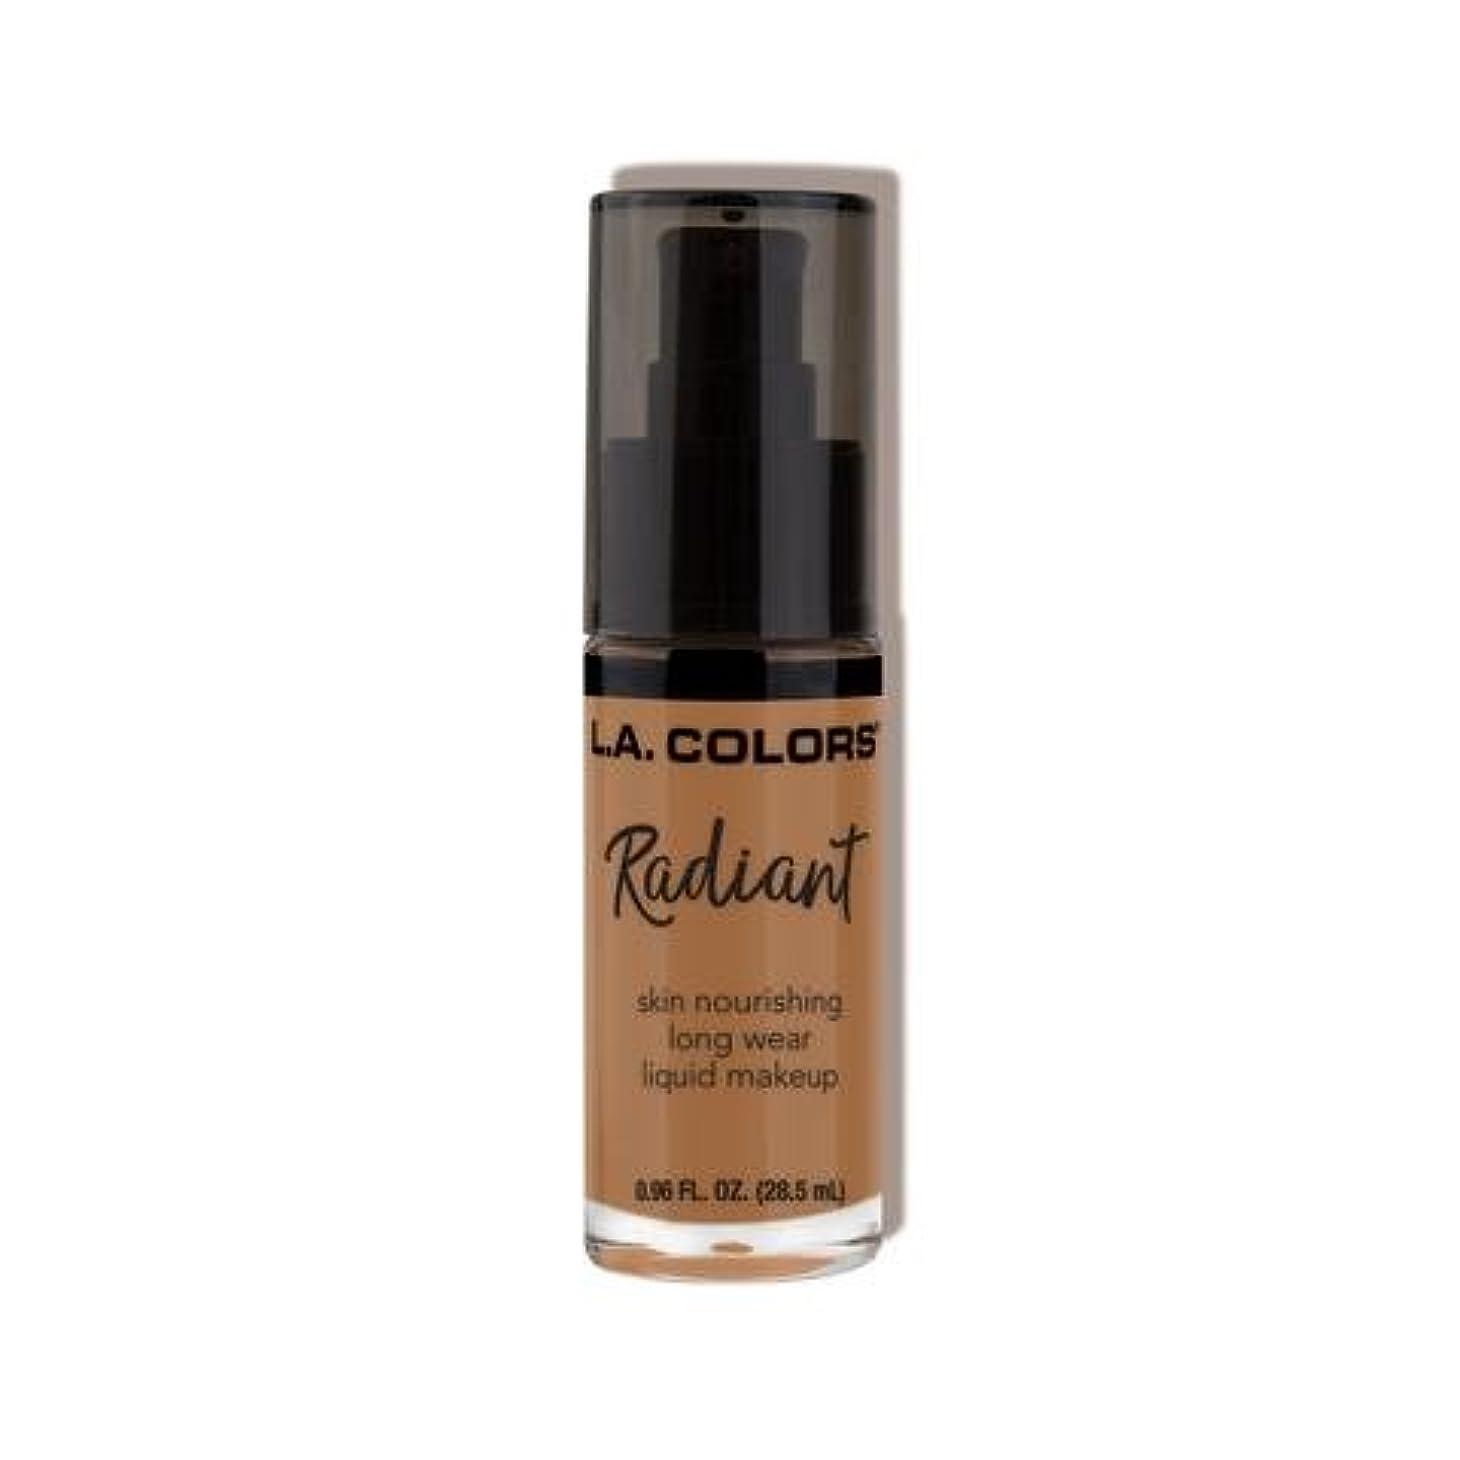 三十束ロマンス(3 Pack) L.A. COLORS Radiant Liquid Makeup - Chestnut (並行輸入品)